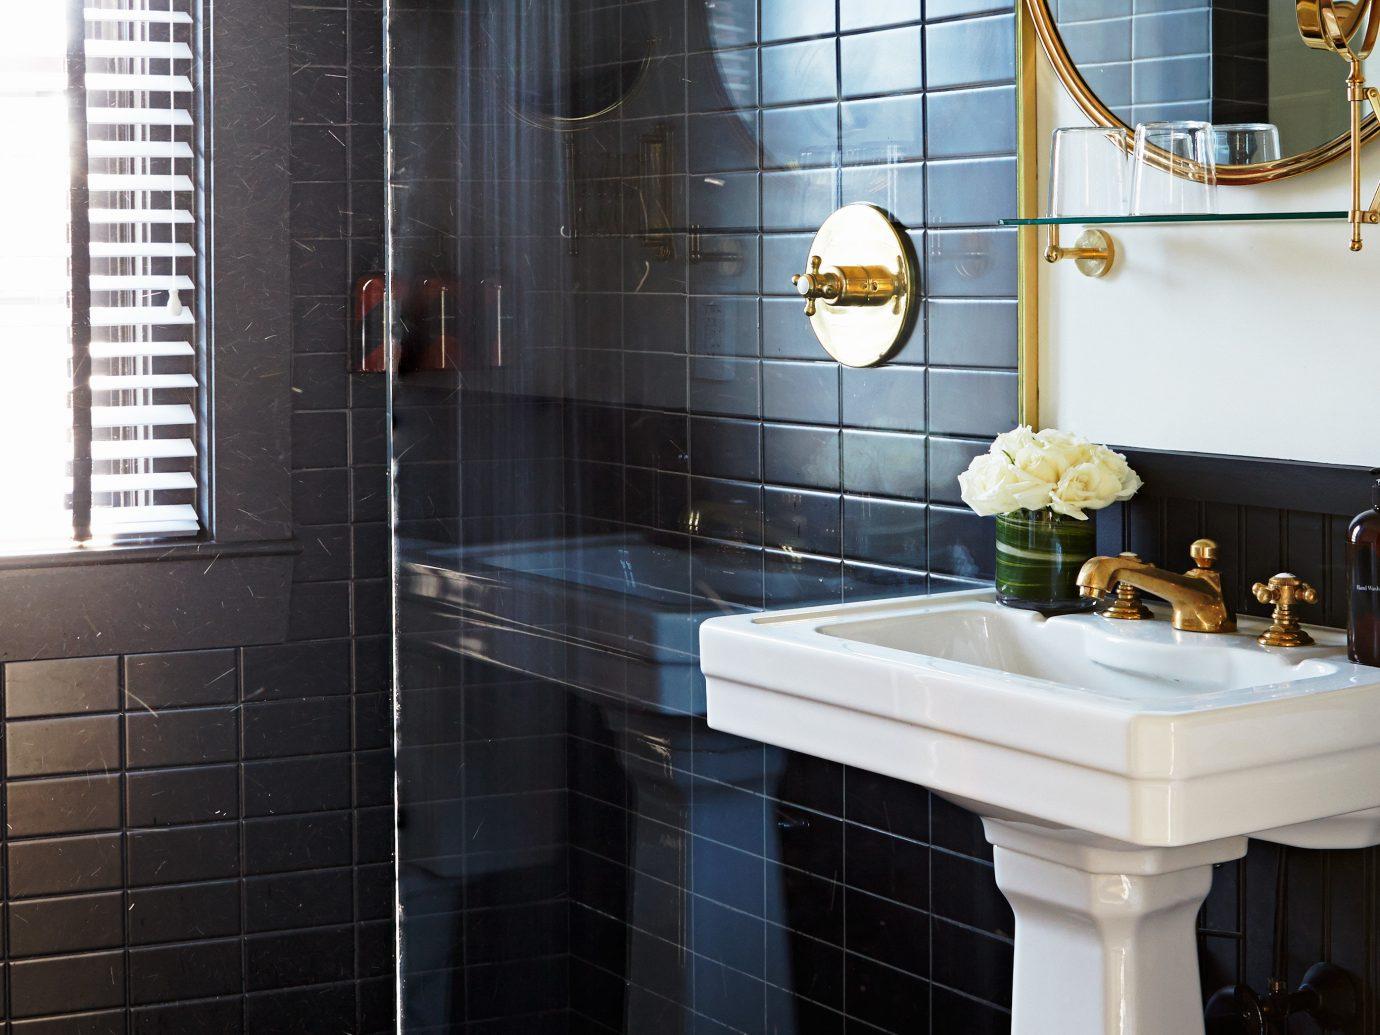 Bath Boutique Budget City Design Hip Modern Weekend Getaways indoor bathroom room property floor home tile interior design plumbing fixture flooring sink countertop estate apartment tiled